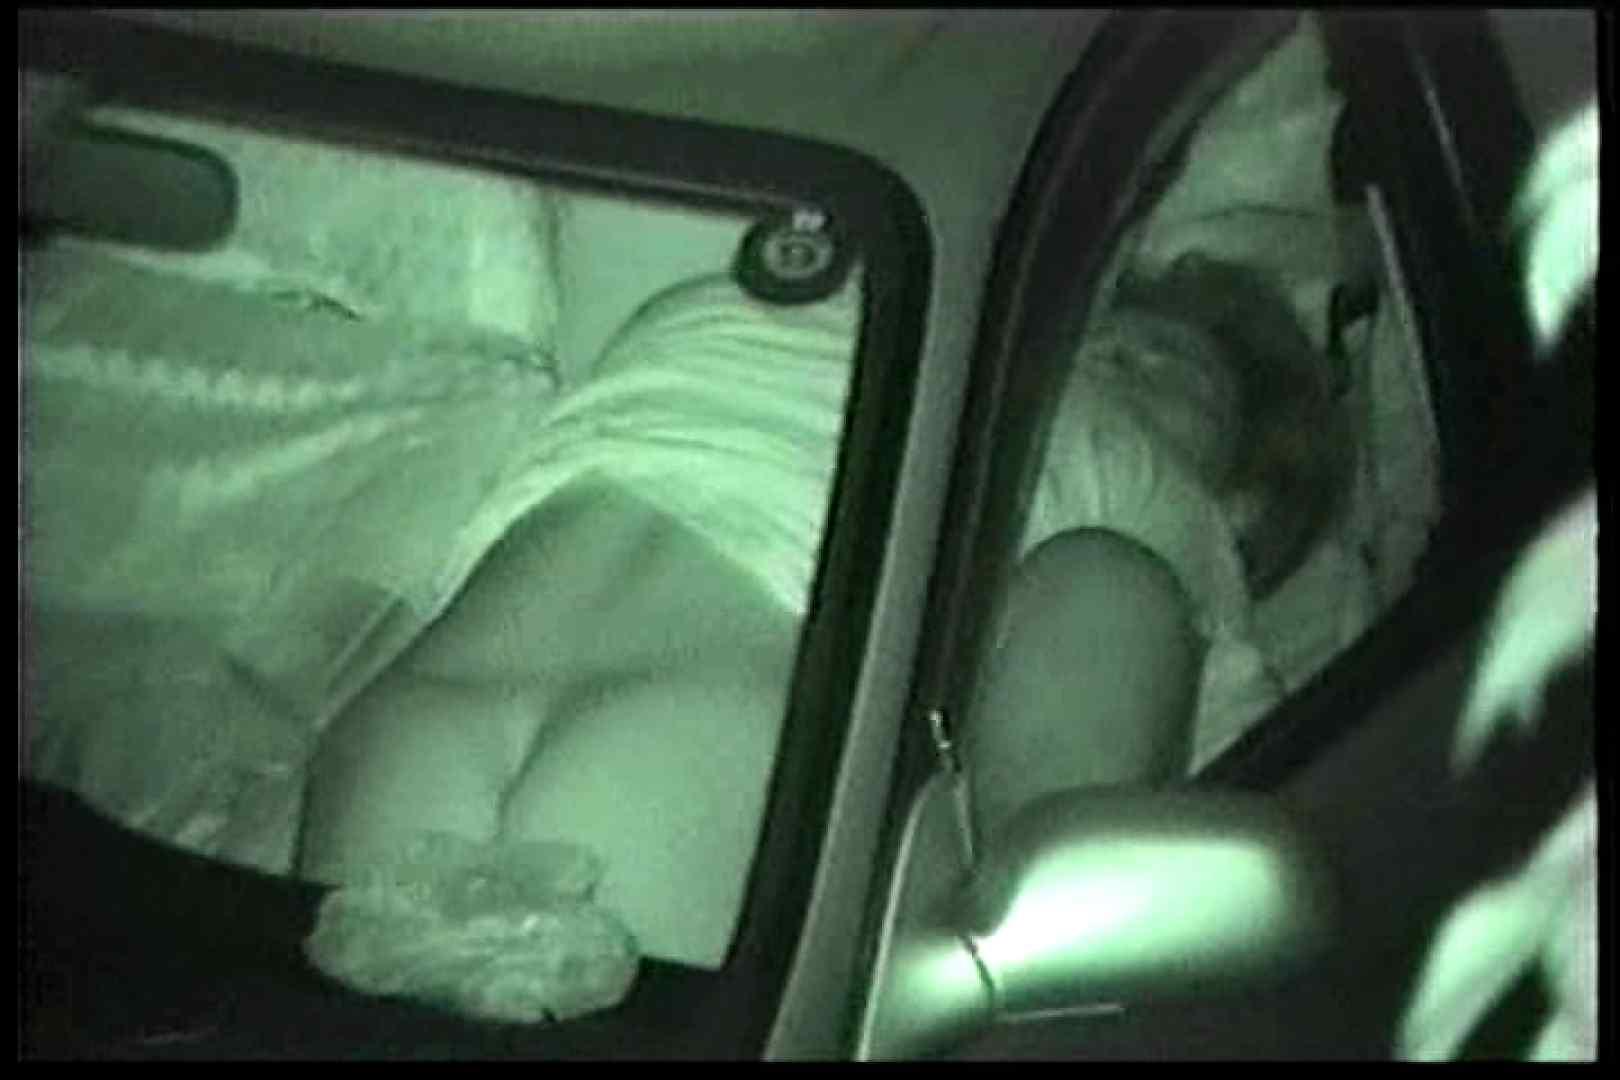 車の中はラブホテル 無修正版  Vol.11 カーセックス のぞき動画画像 86画像 45